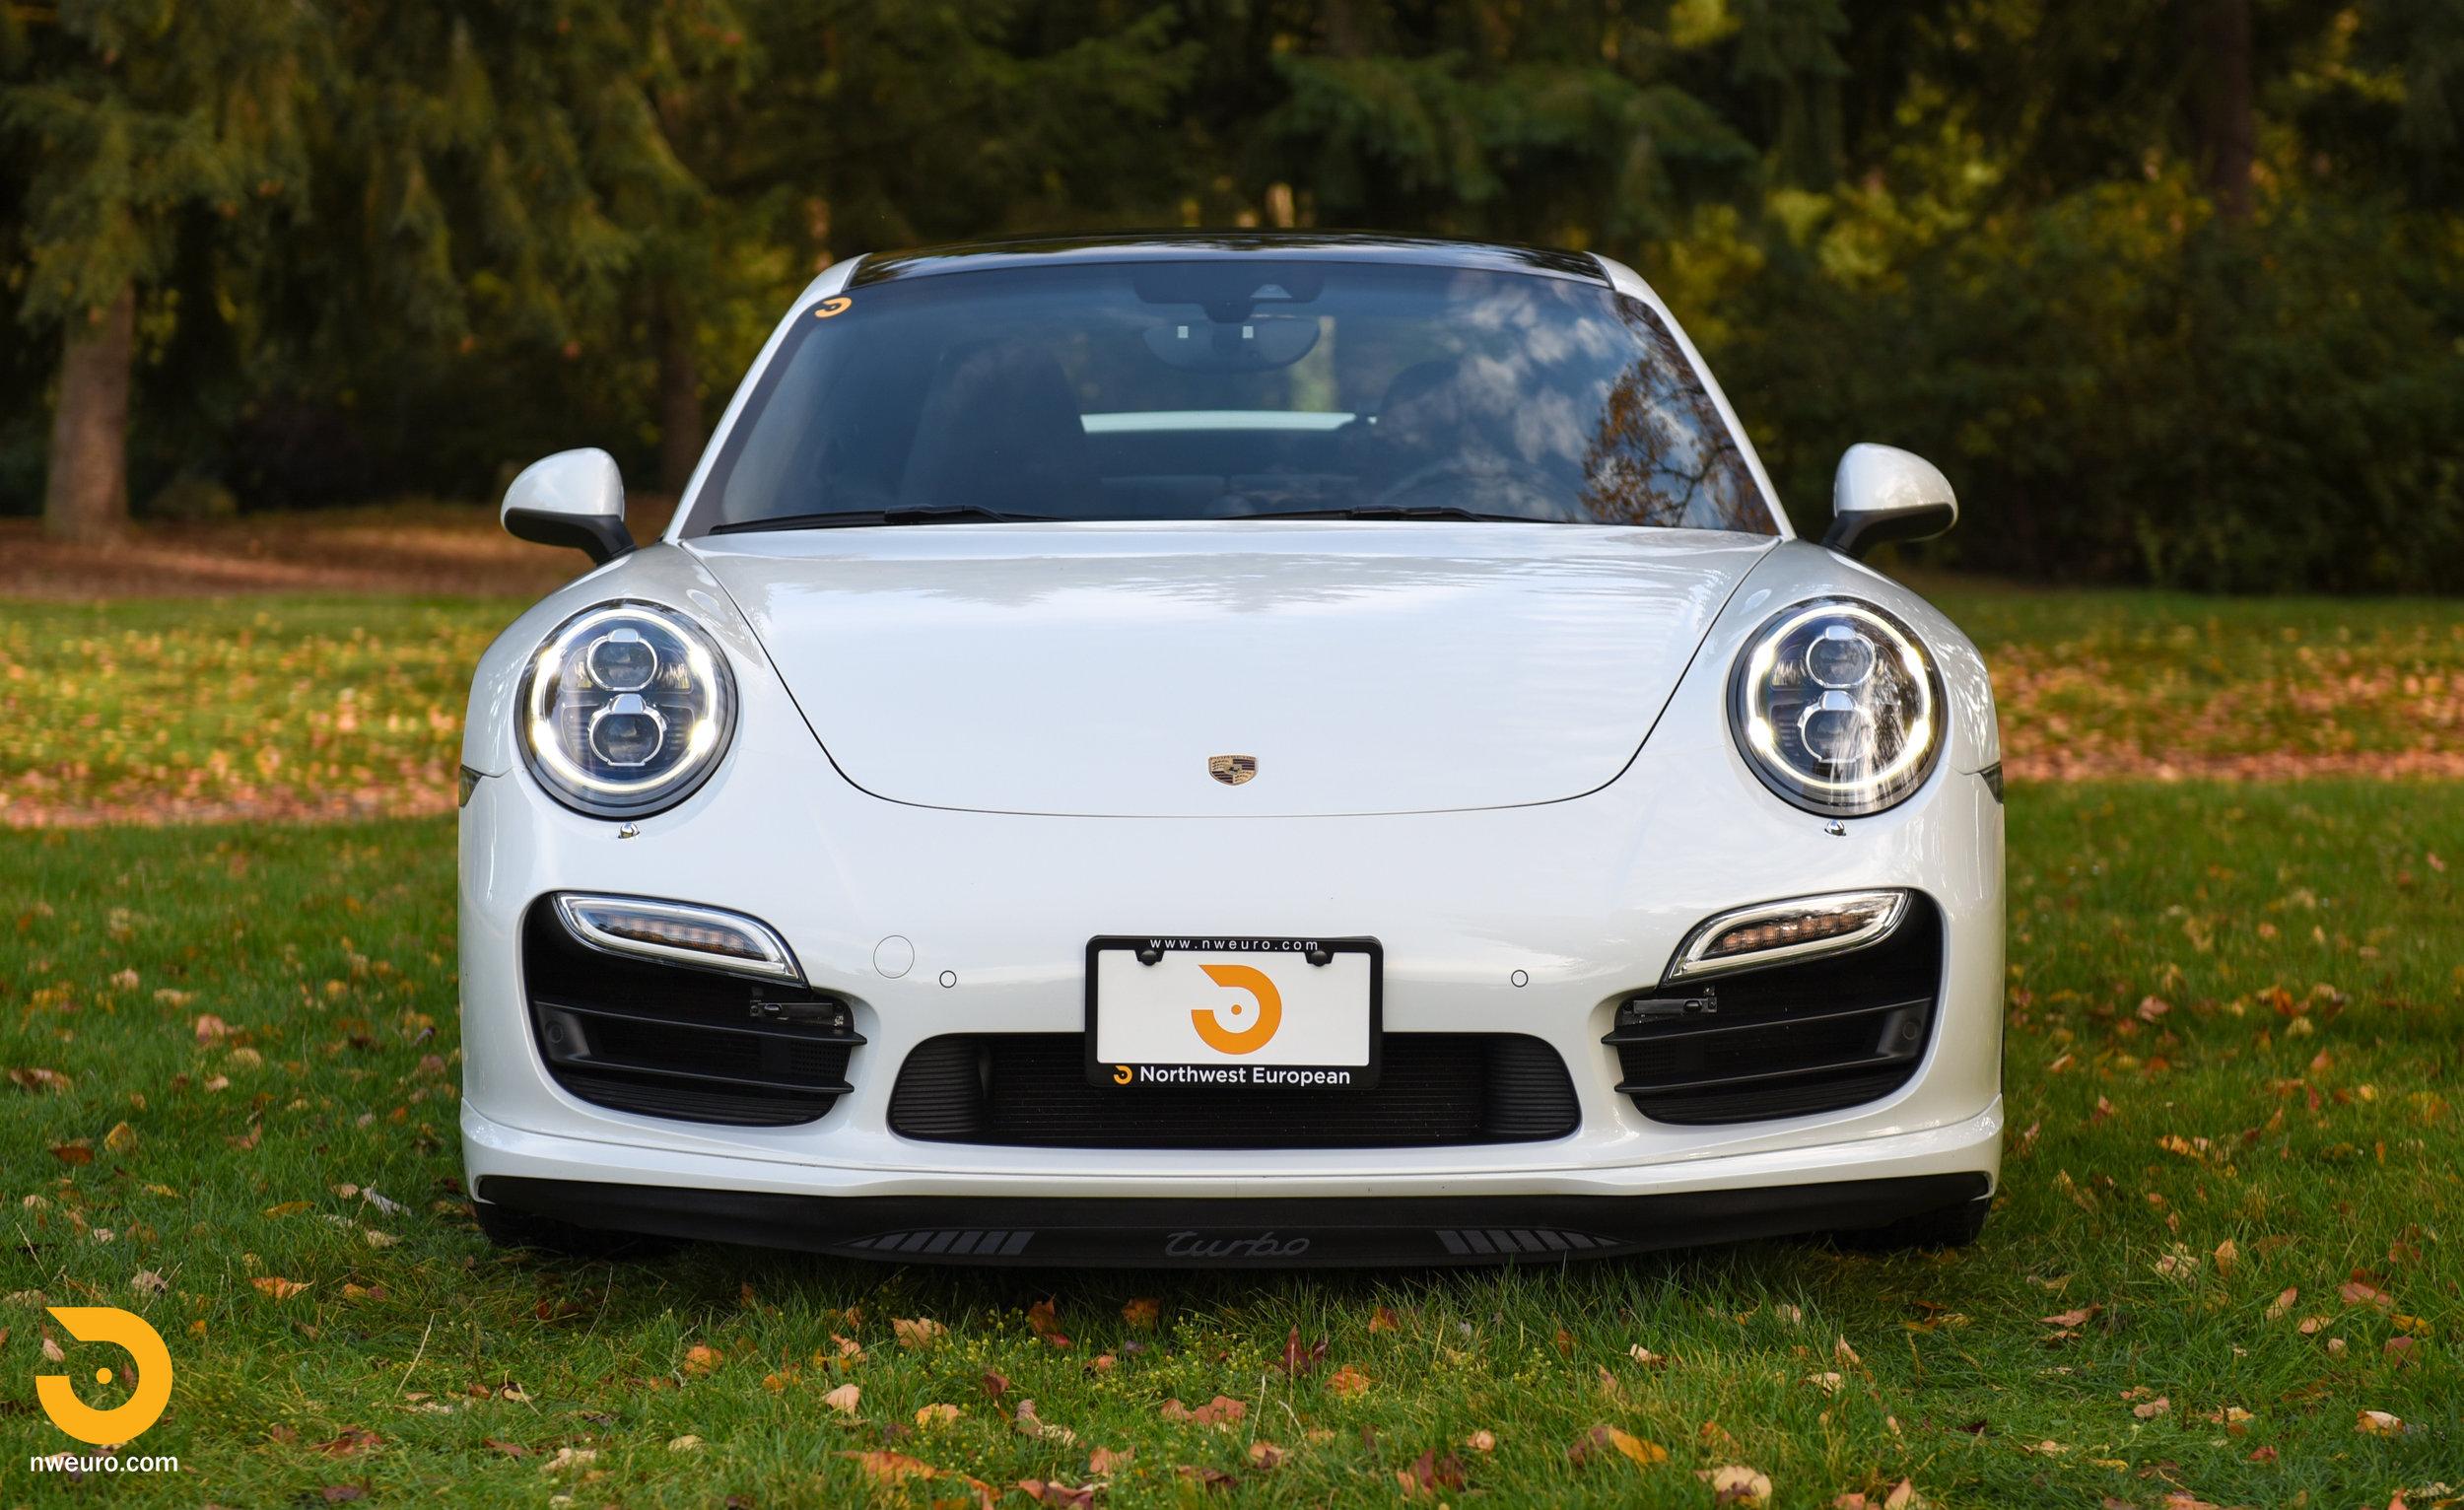 2014 Porsche 911 Turbo-34.jpg